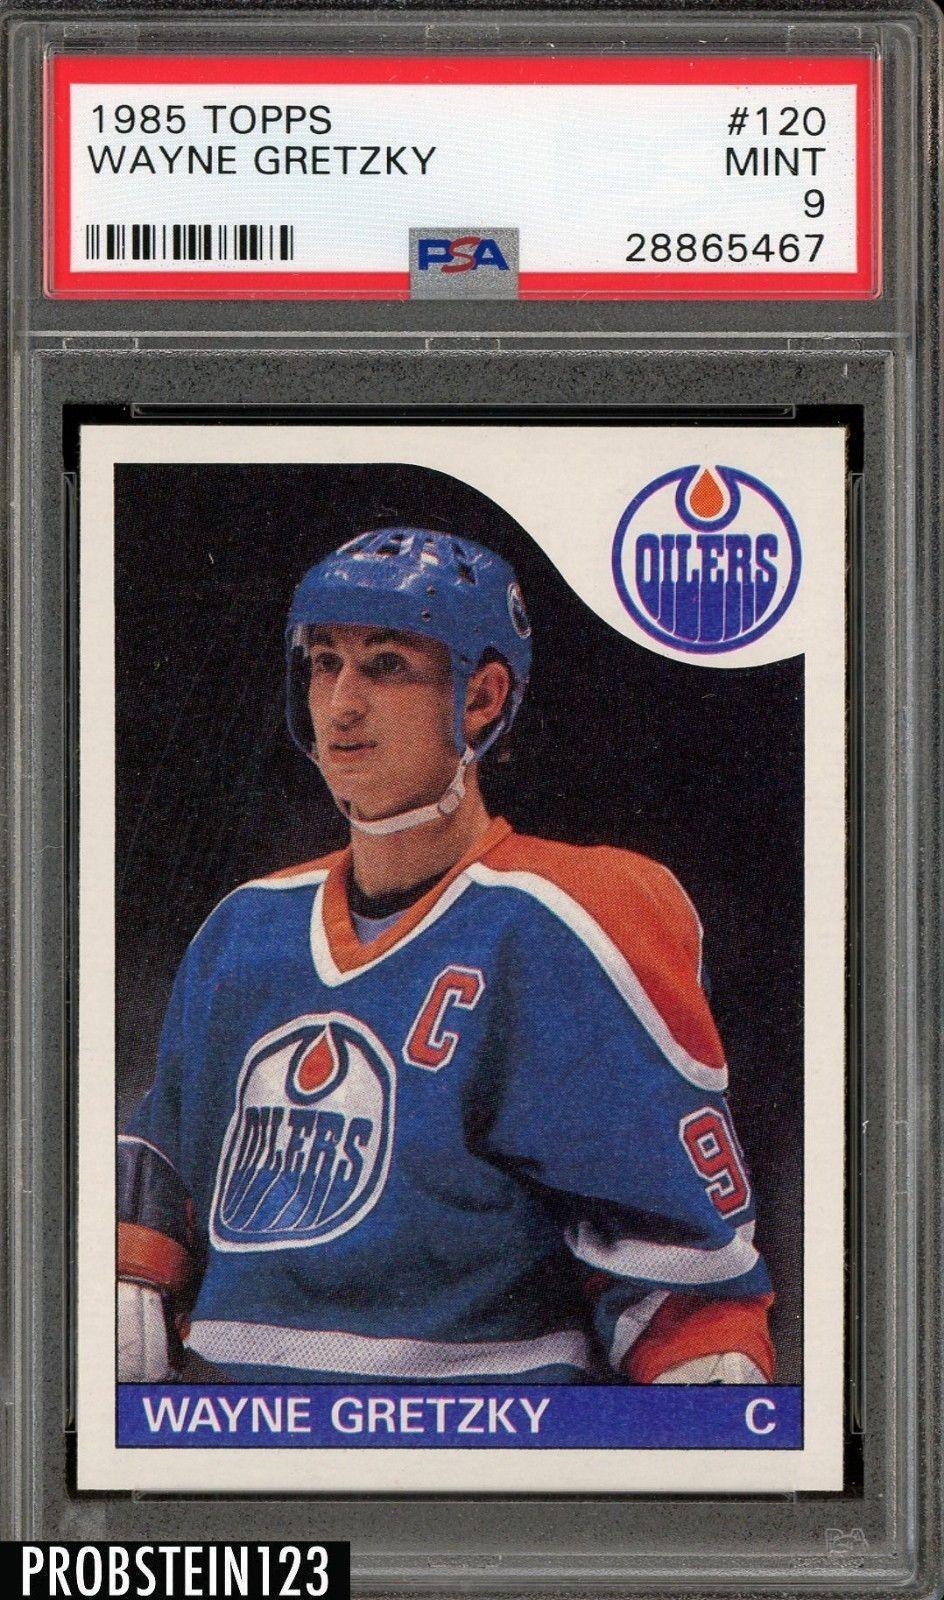 1985 Topps Hockey 120 Wayne Gretzky Oilers Hof Psa 9 Mit Hockeycards Hockeycards Wayne Gretzky Hockey Cards Oilers